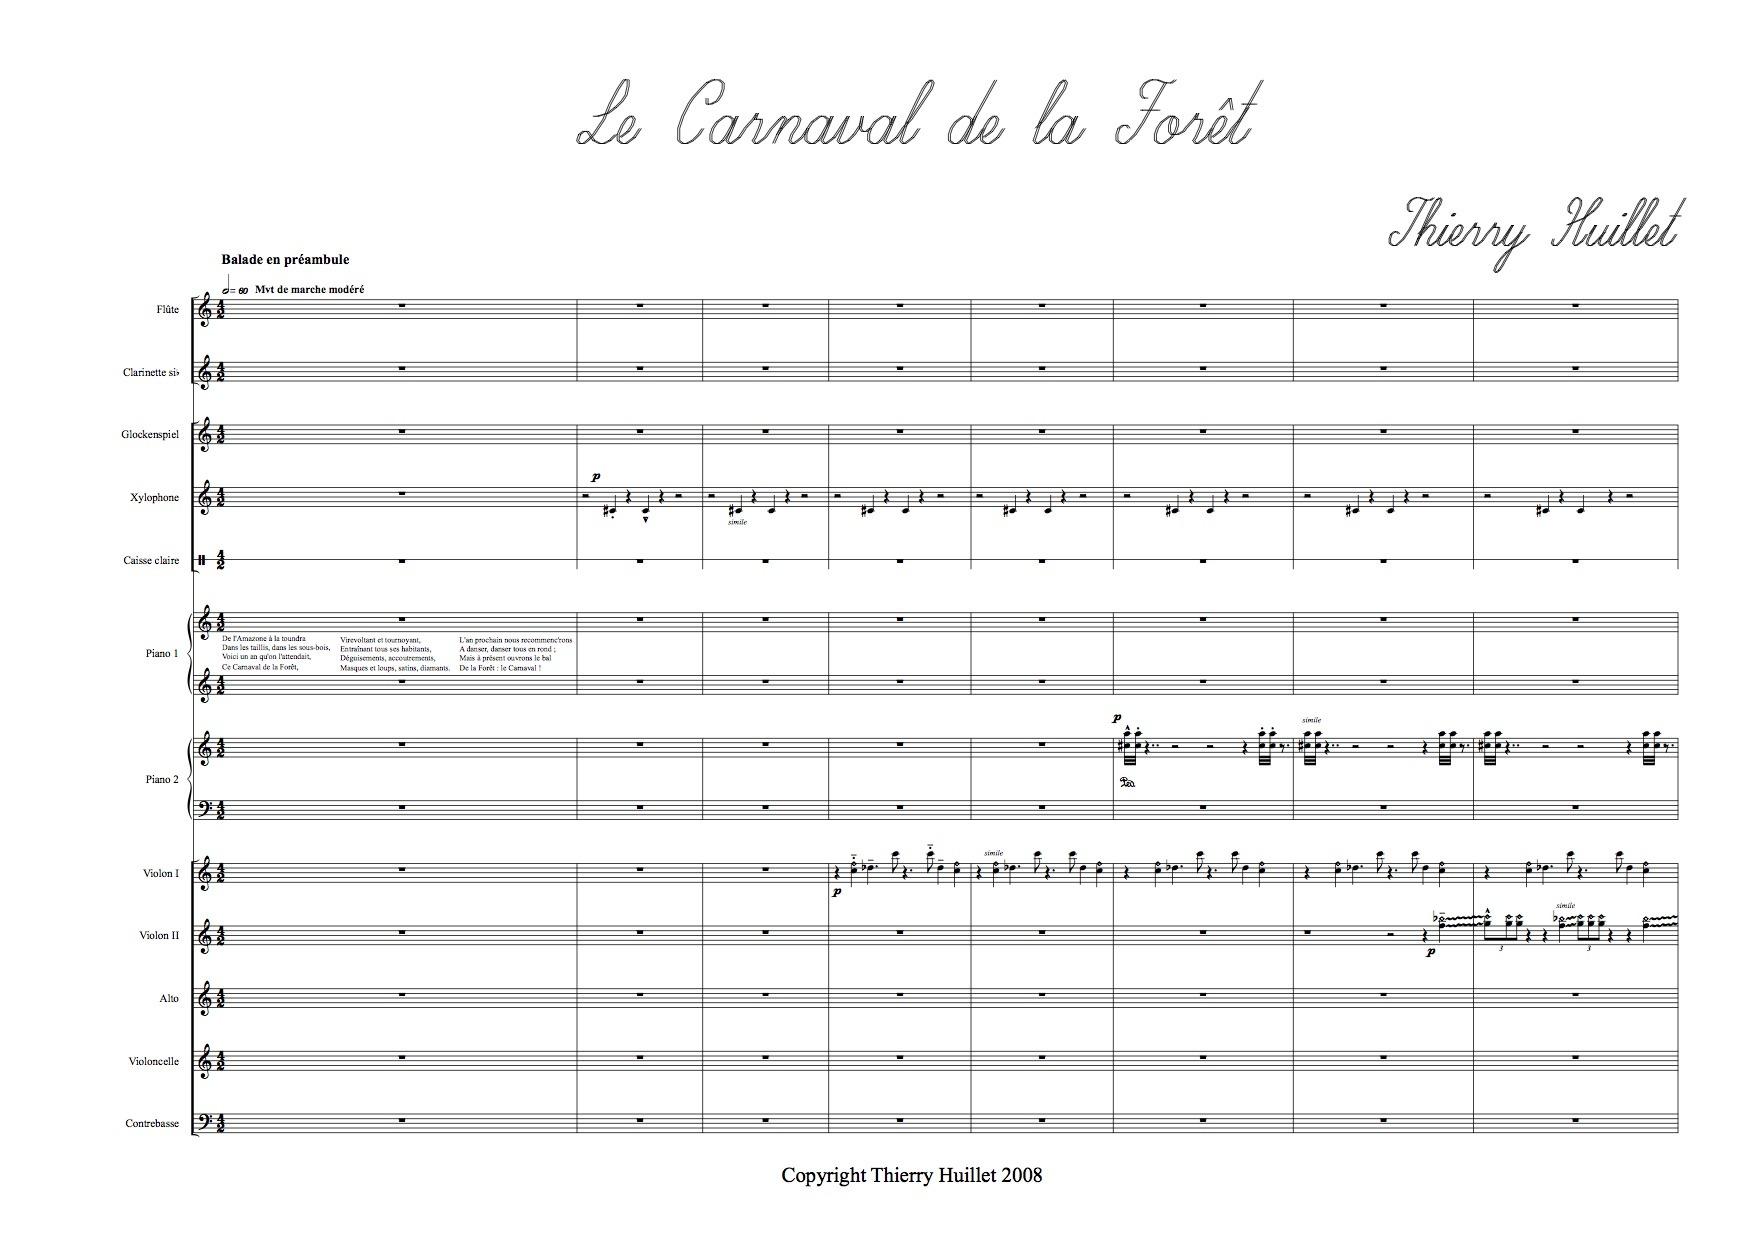 Thierryhuillet Carnavaldelaforet Scoreparts2